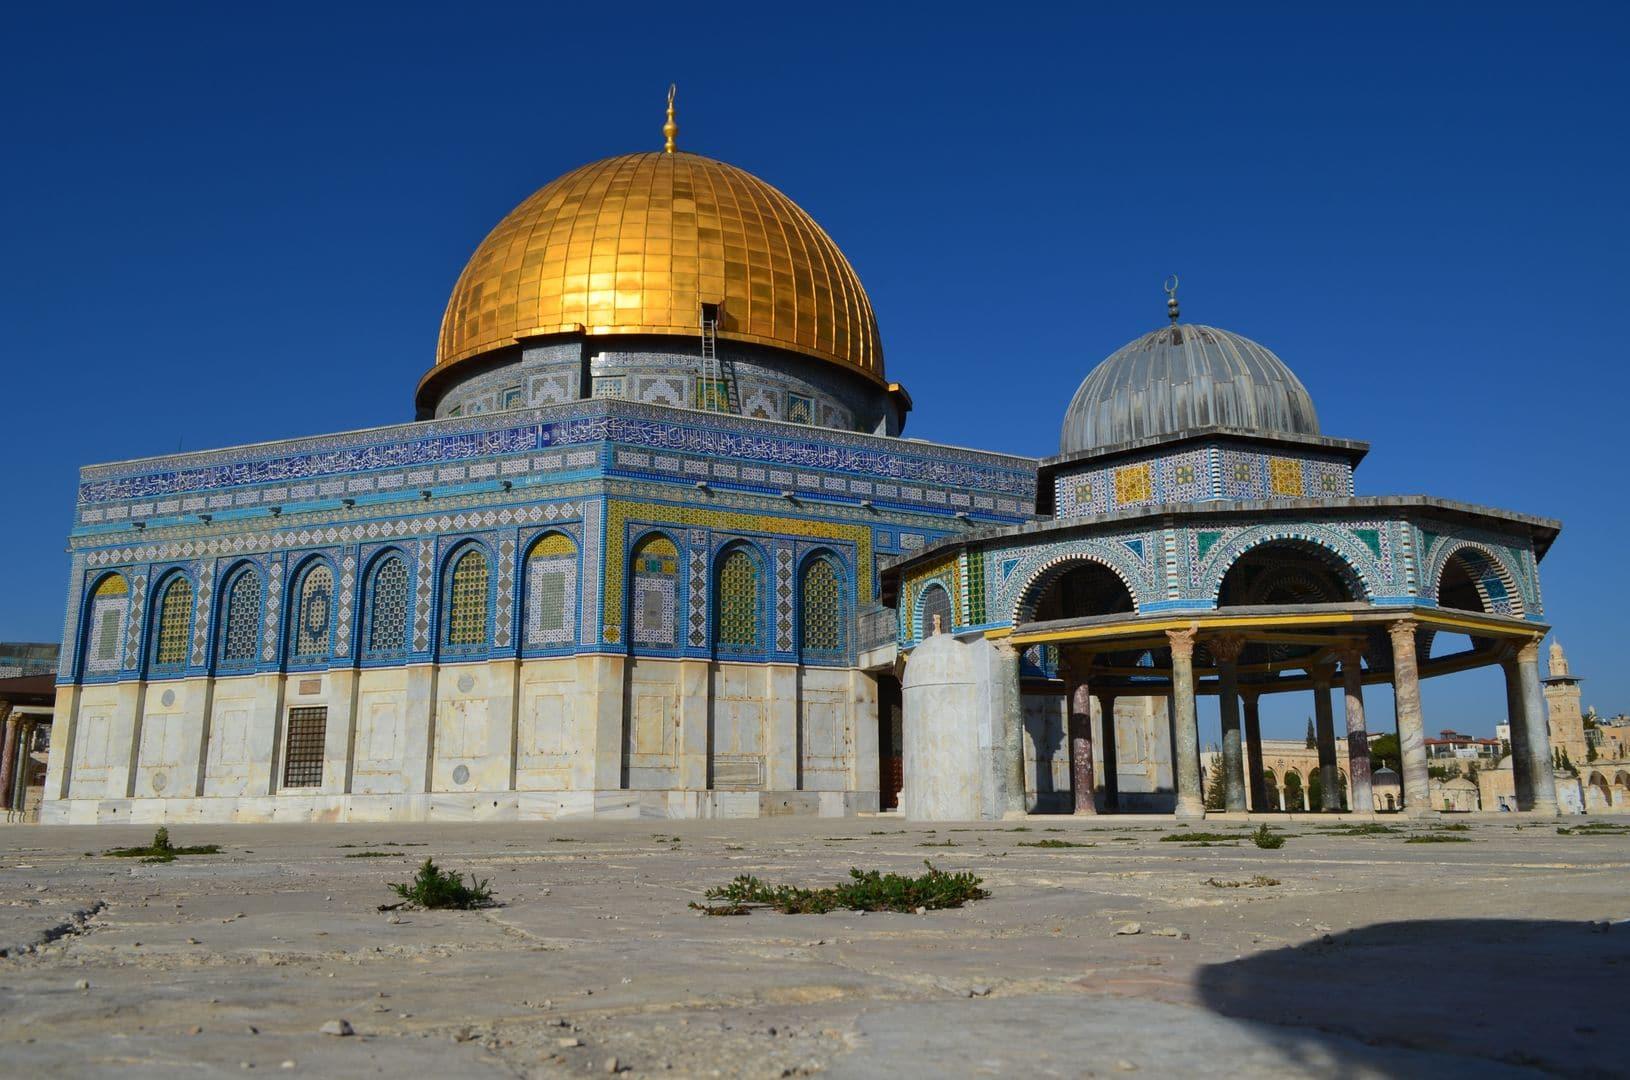 In Israel hatten wir das Glück auf den Tempelberg zu kommen, der ja häufig wegen der Unruhen gesperrt ist. Der Felsendom mit seiner goldenen Kuppel ist ein wunderschönes Bauwerk und die islamische Kunst mit ihren filigranen Verzierungen wirklich sehenswert.